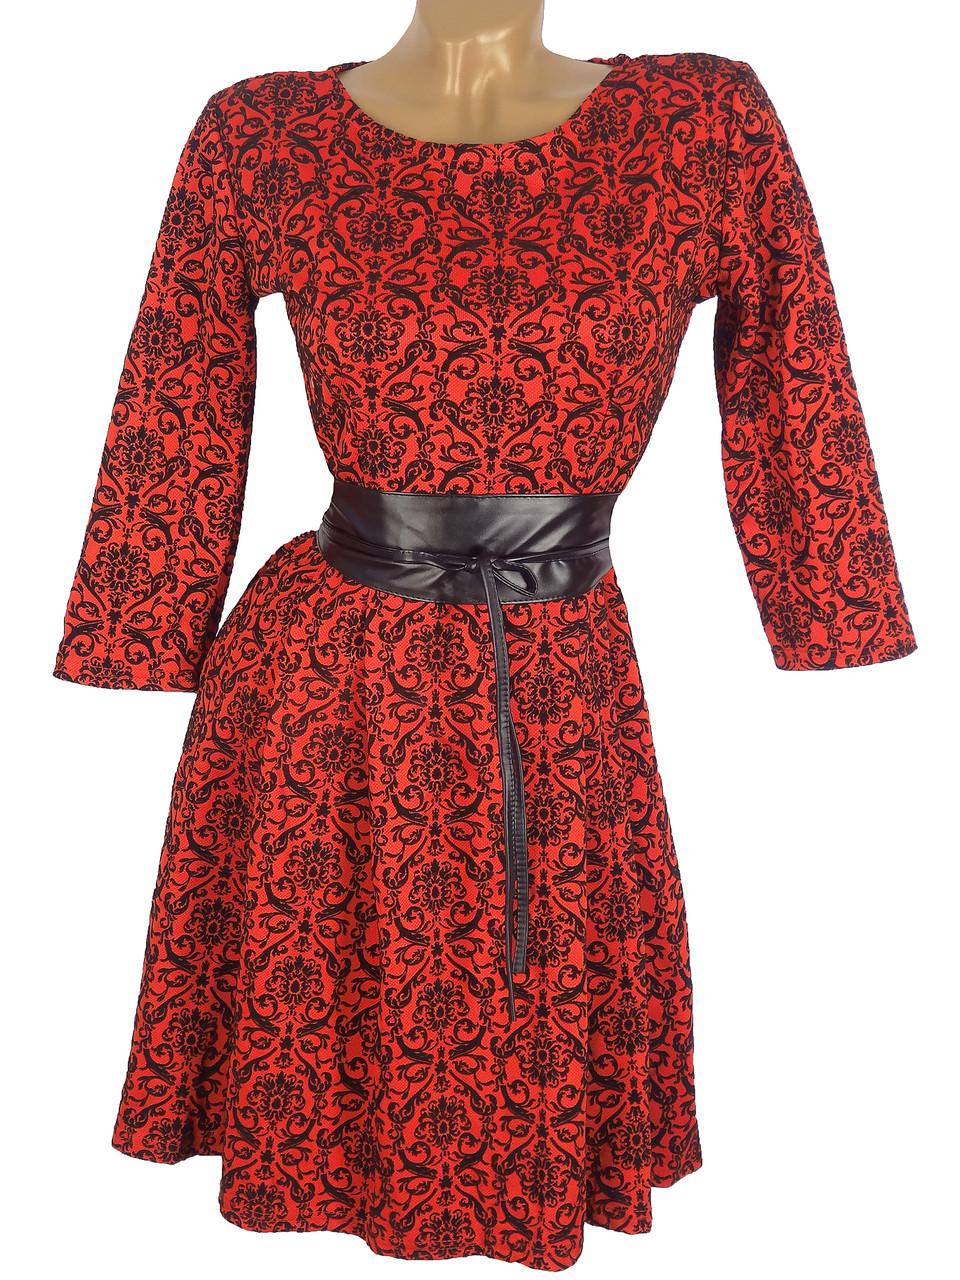 Платье с узорами и поясом из эко-кожи (в расцветках)